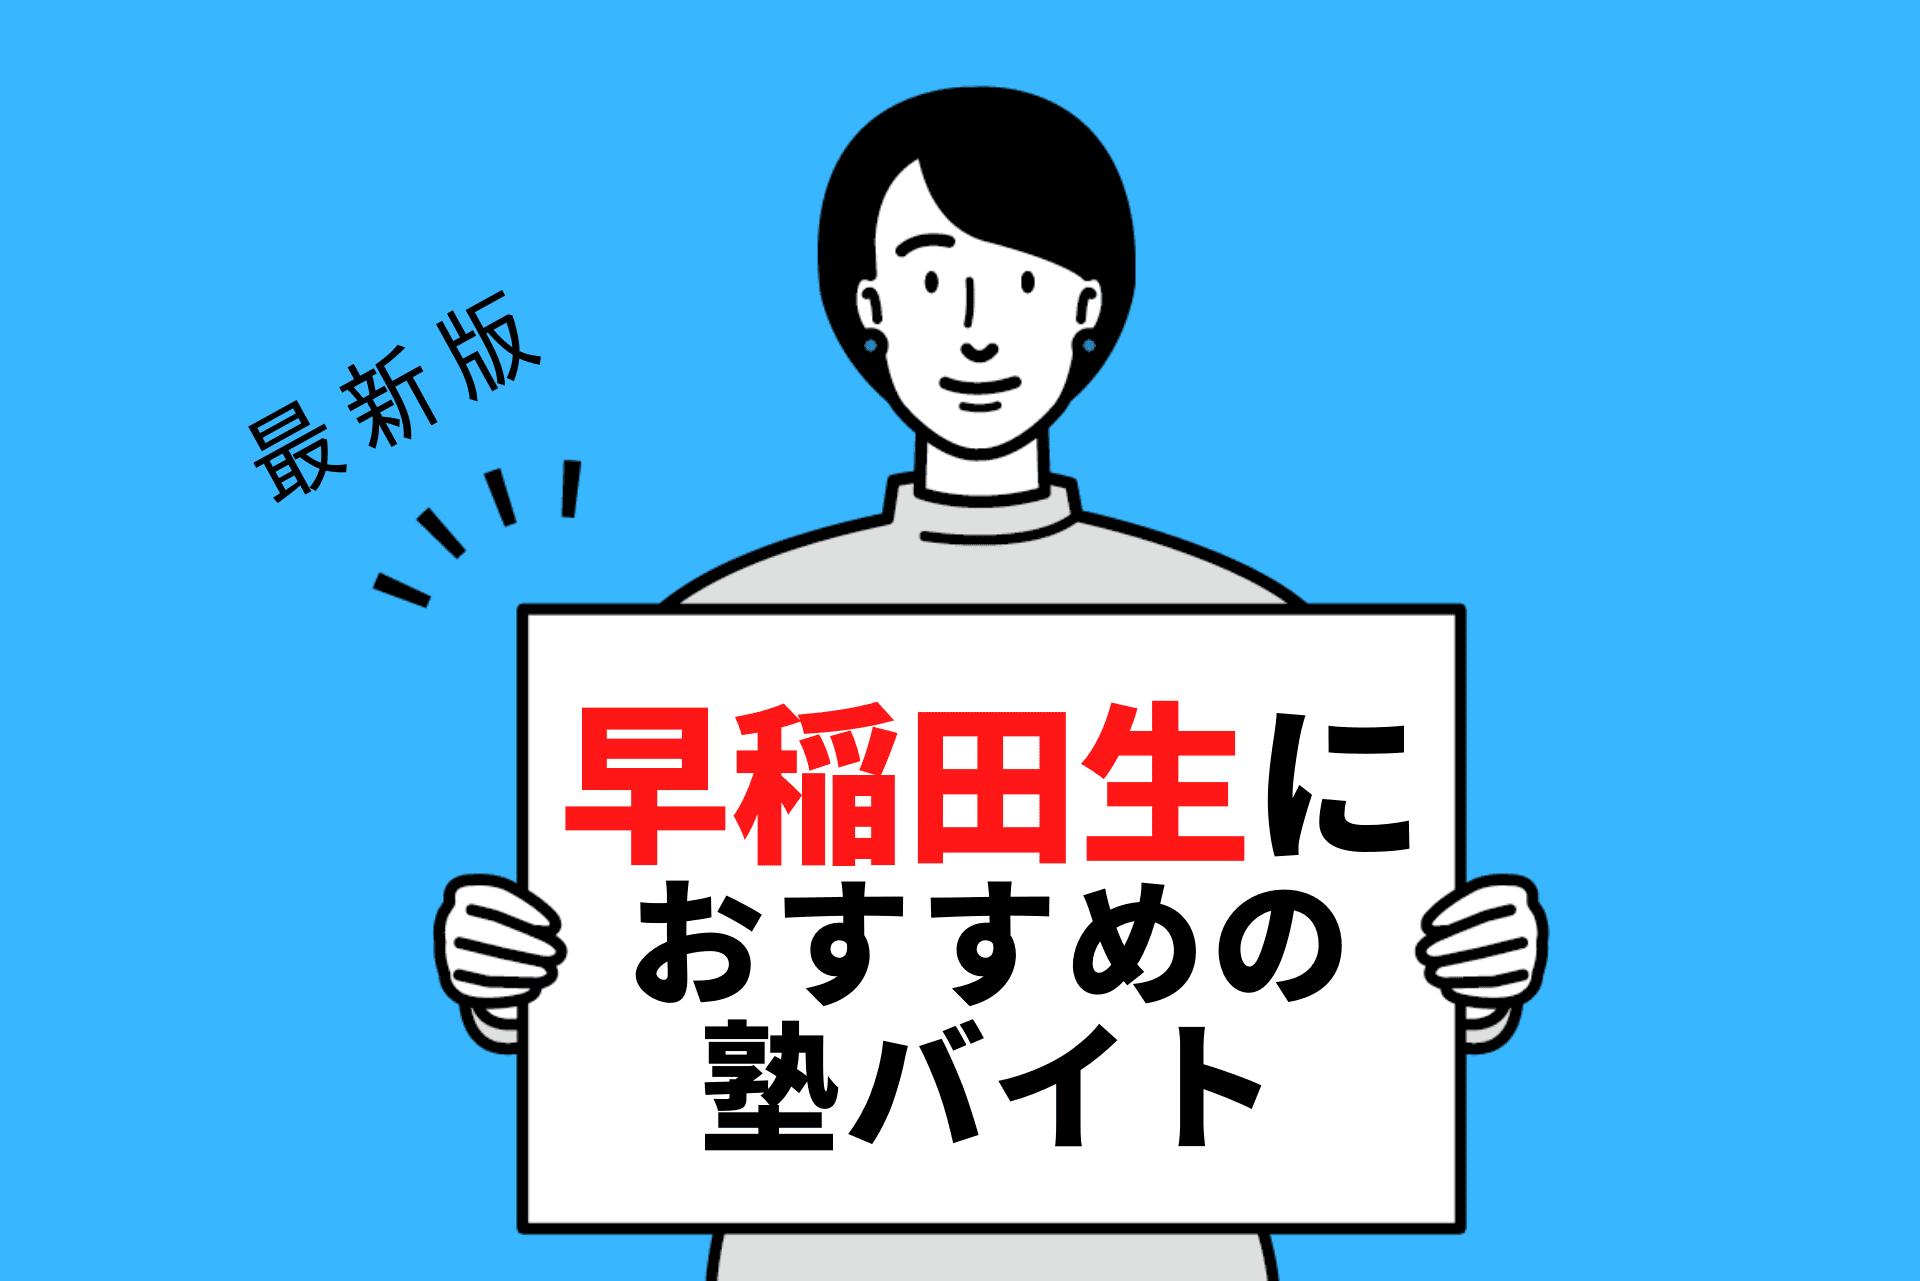 早稲田大学の学生さんにおすすめの塾